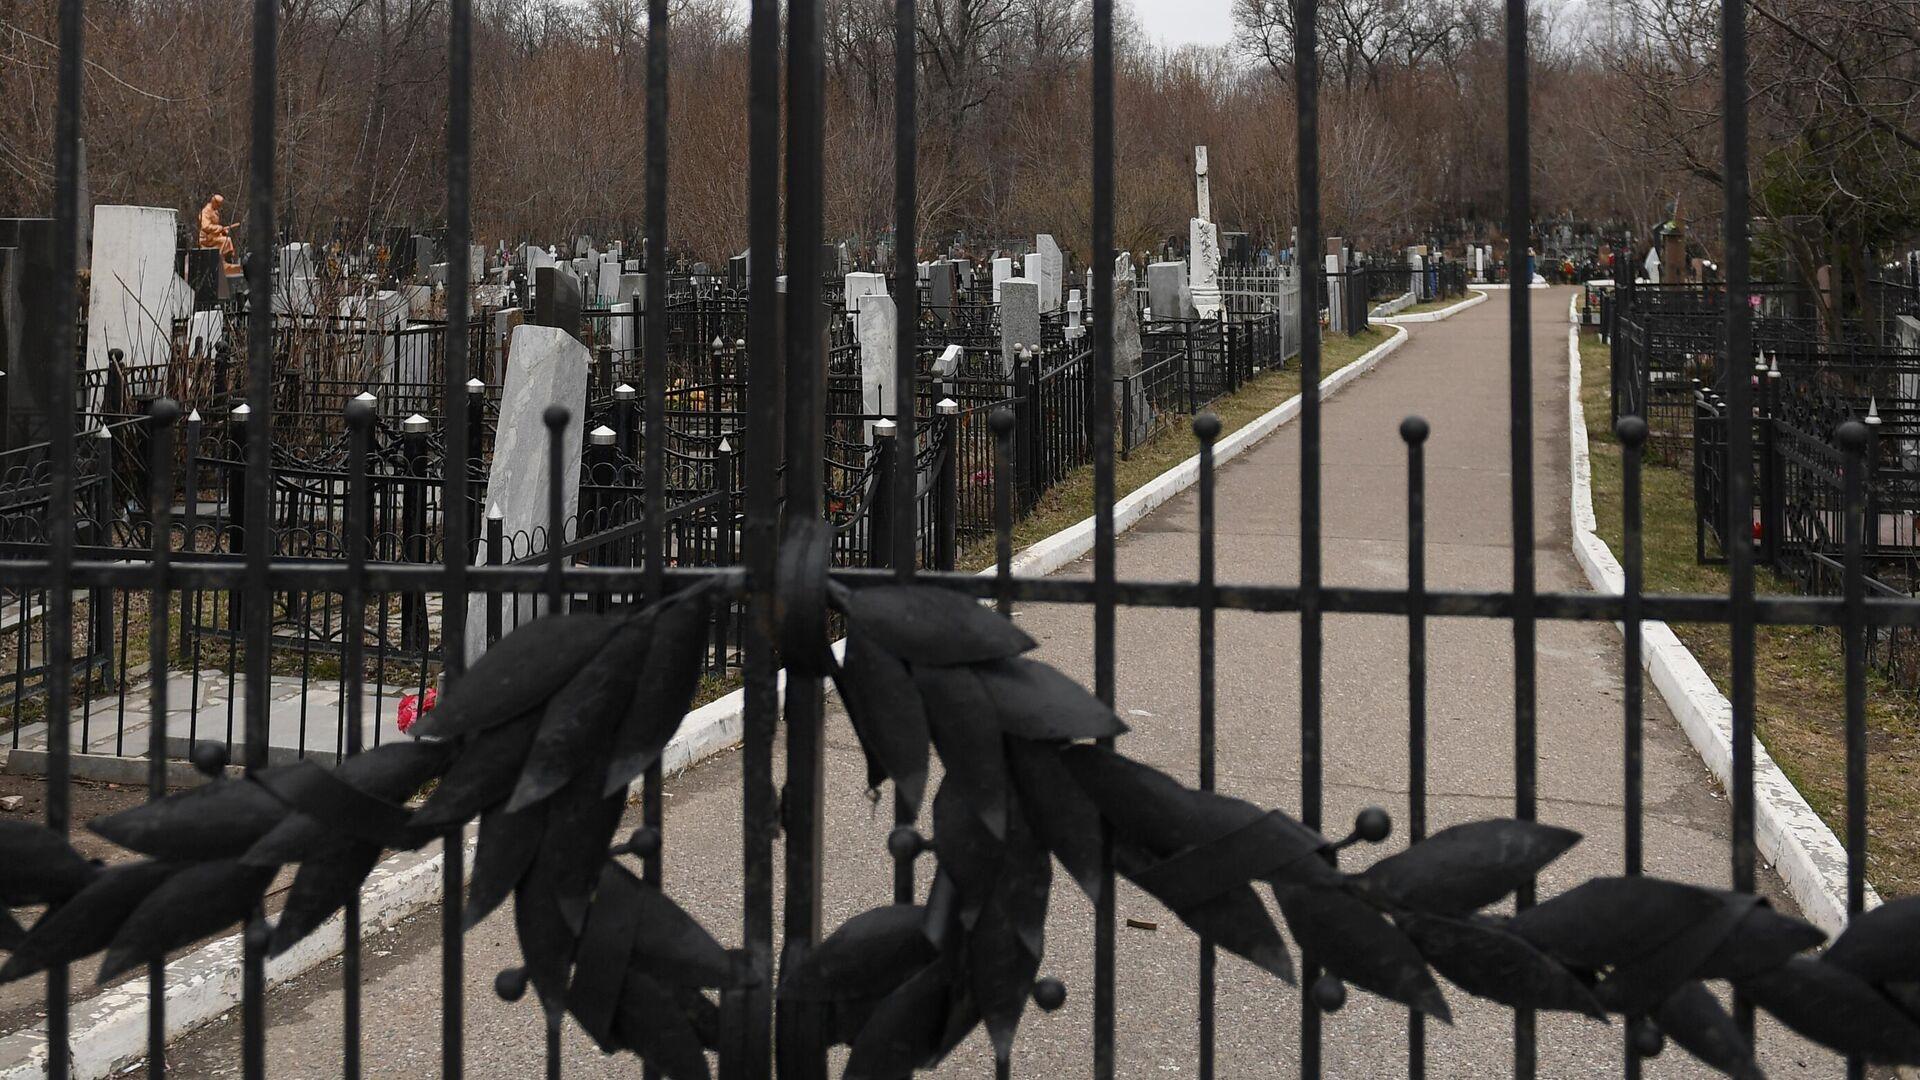 Закрытое Арское кладбище в Татарстане - РИА Новости, 1920, 02.10.2021